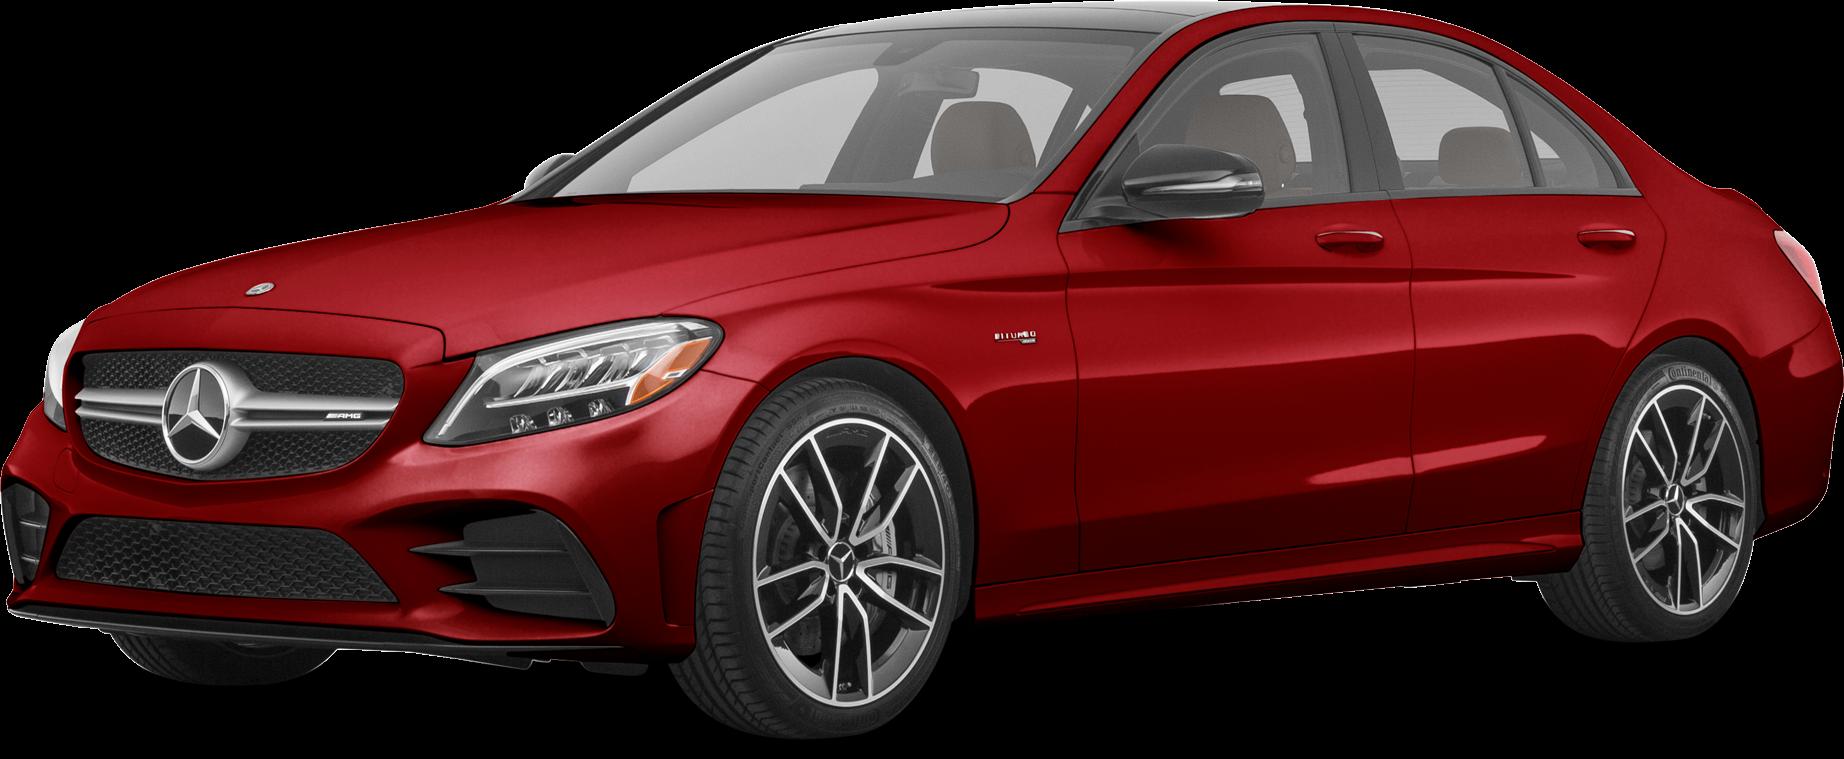 2017 maserati quattroporte price